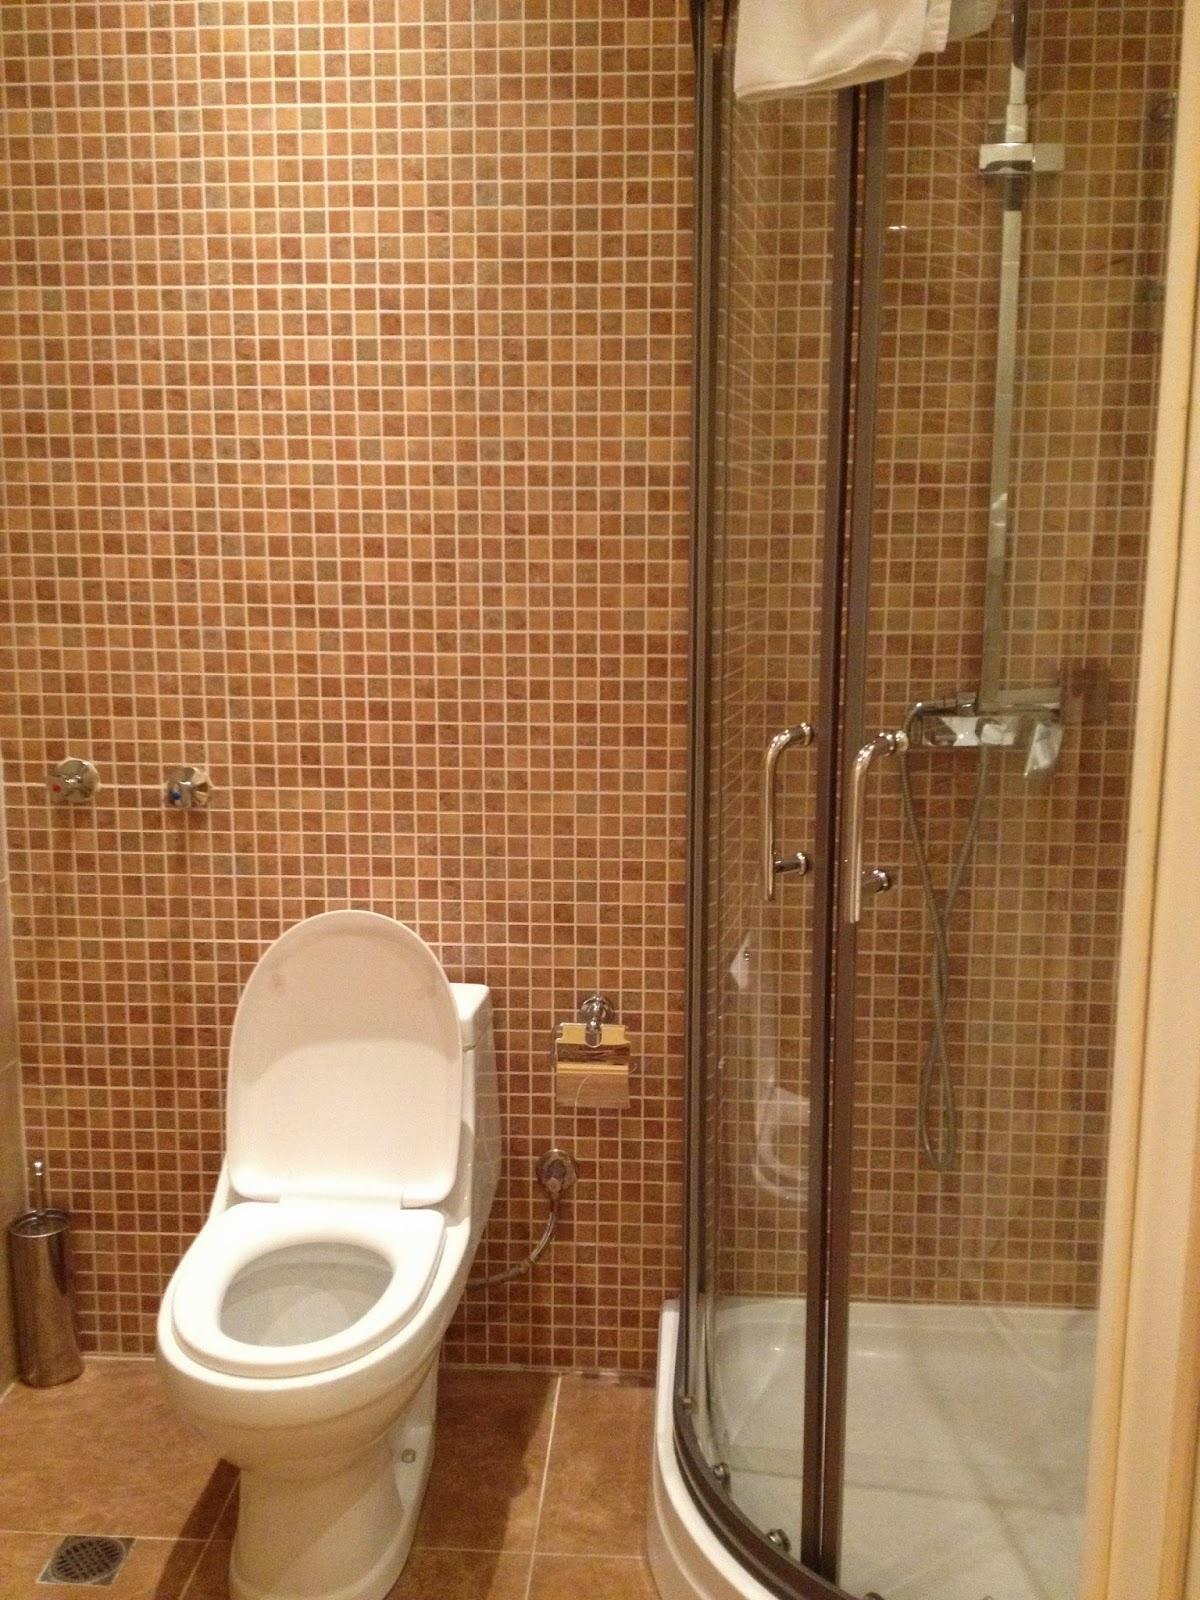 アゼルバイジャンのホテルにあるガラス張りのシャワー室とトイレ